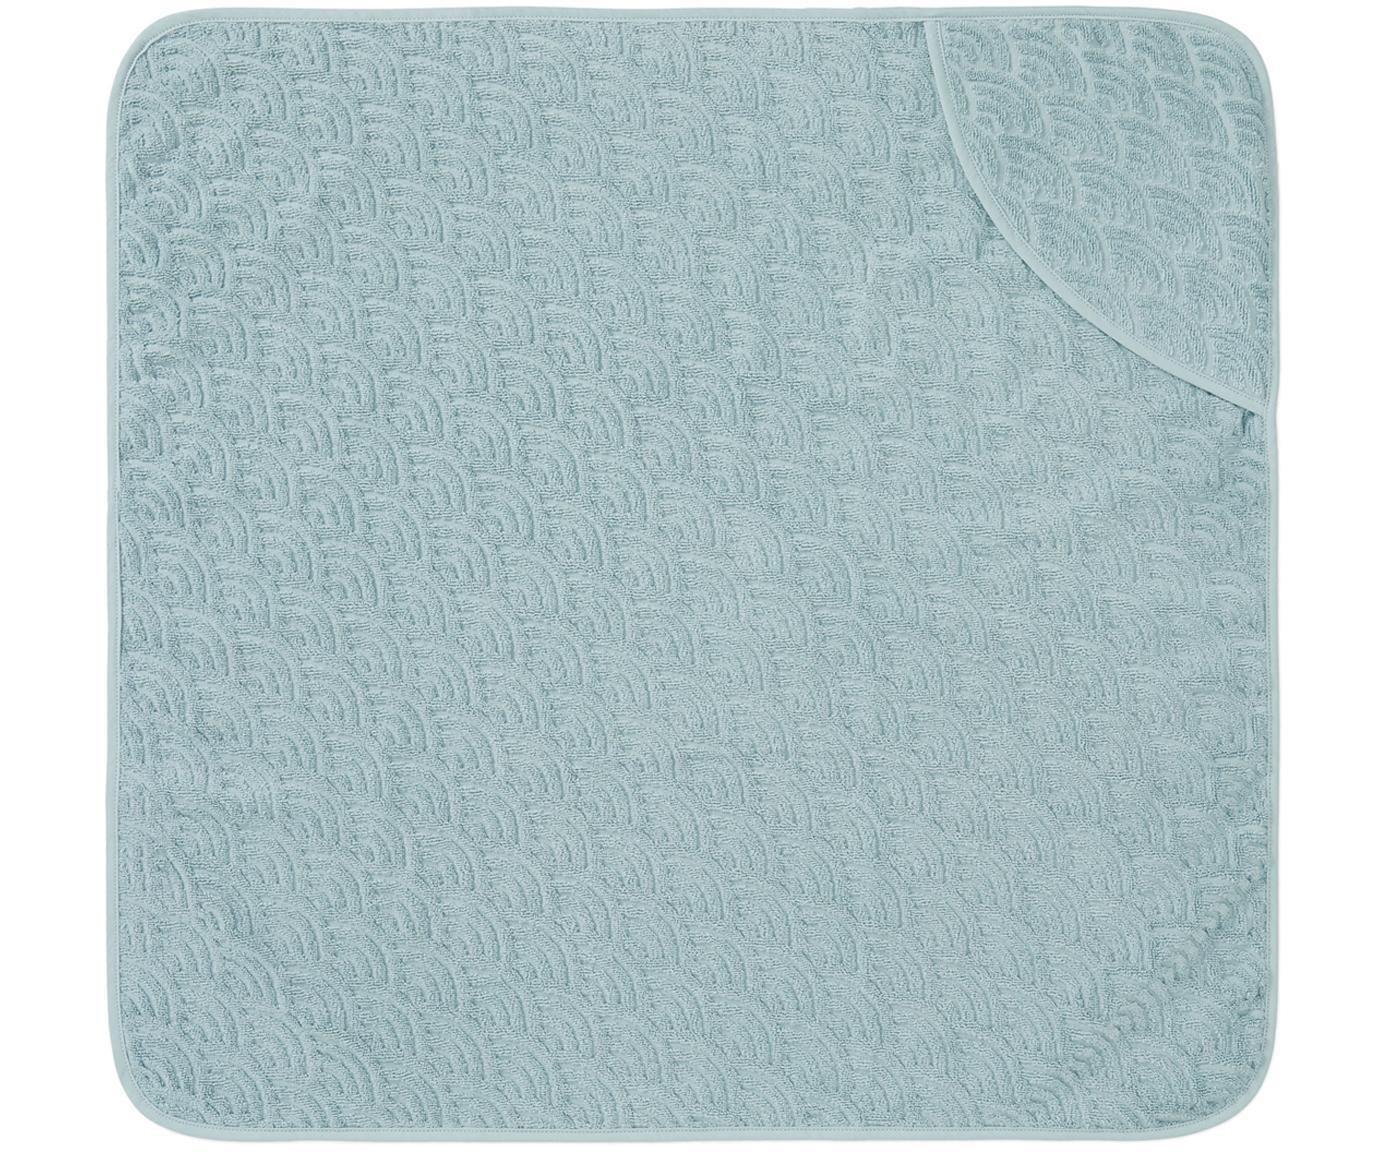 Toalla baño bebé de algodón ecológico Wave, Algodón orgánico, Azul, An 80 x L 80 cm